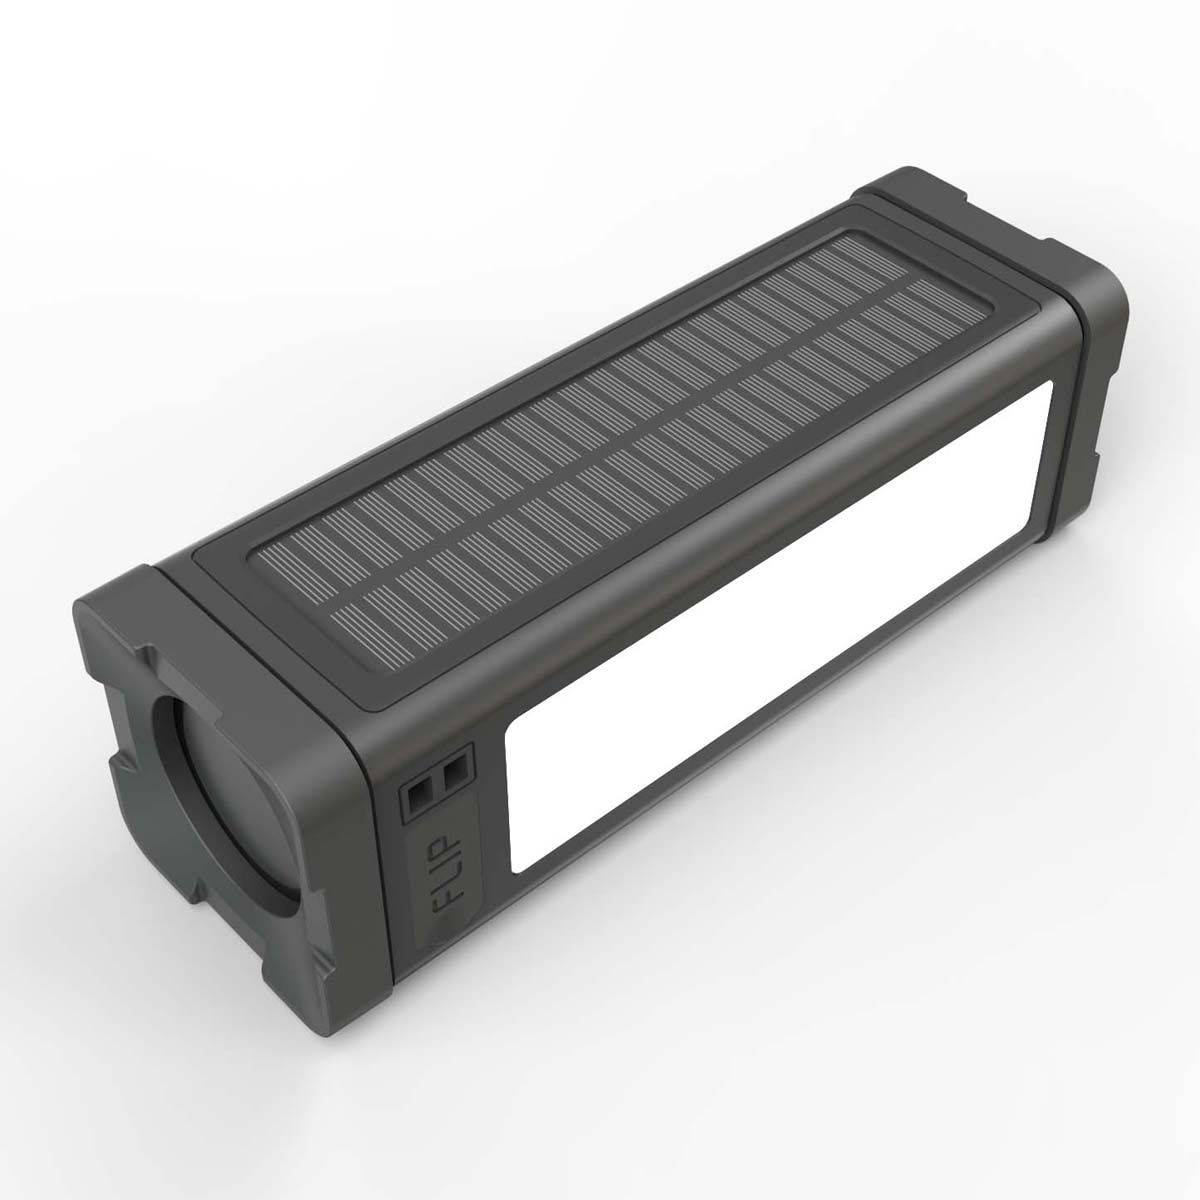 Блок питания на солнечной батарее 5000 мАч с динамиком Bluetooth 20 Вт, светодиодные фонари 27 шт.